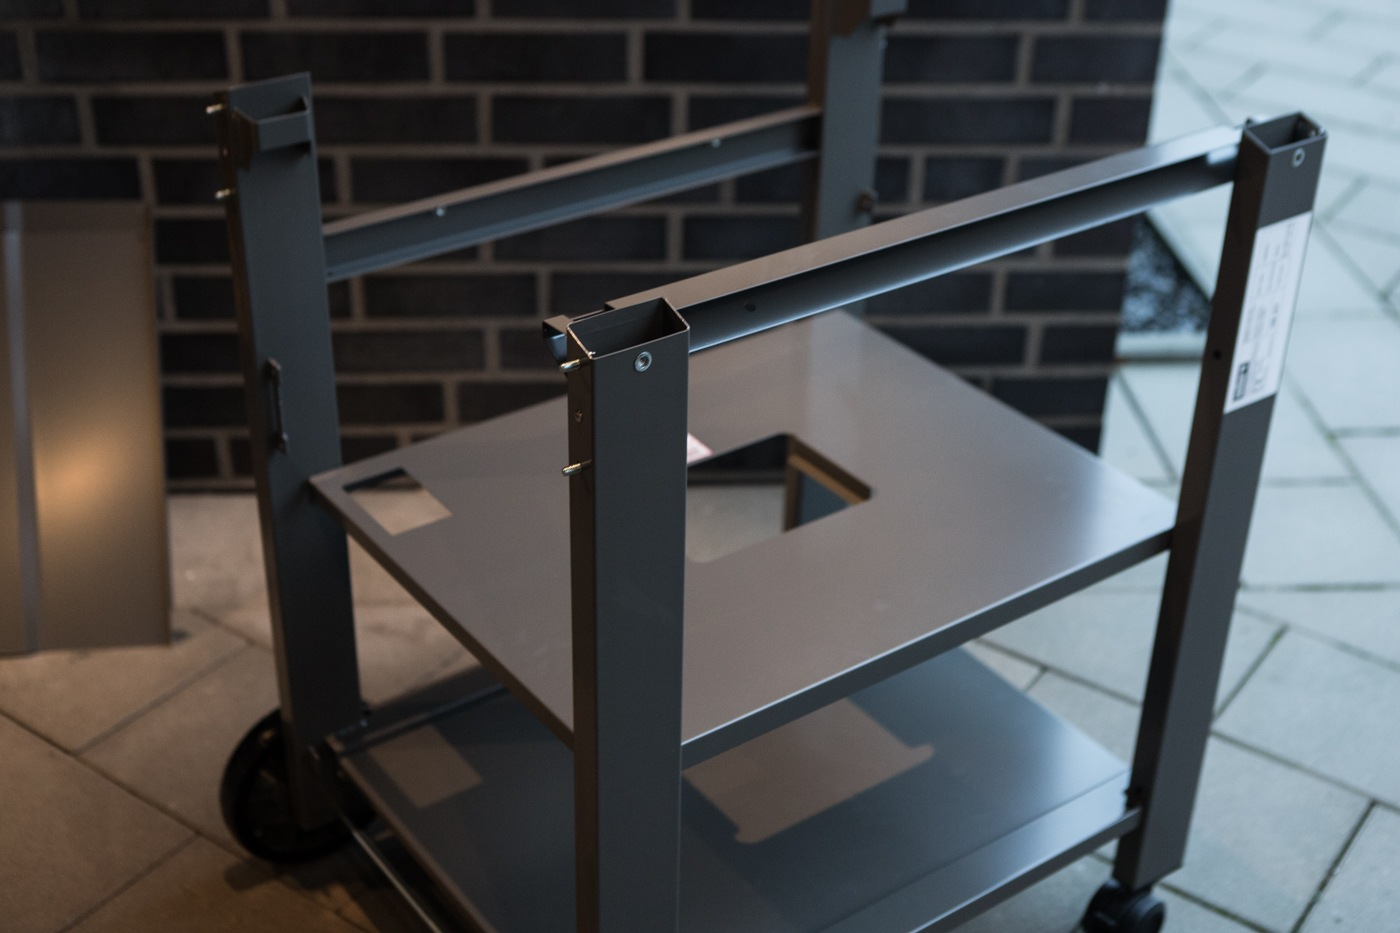 vorstellung-weber-genesis-ii-ep-335-modell-2019-9